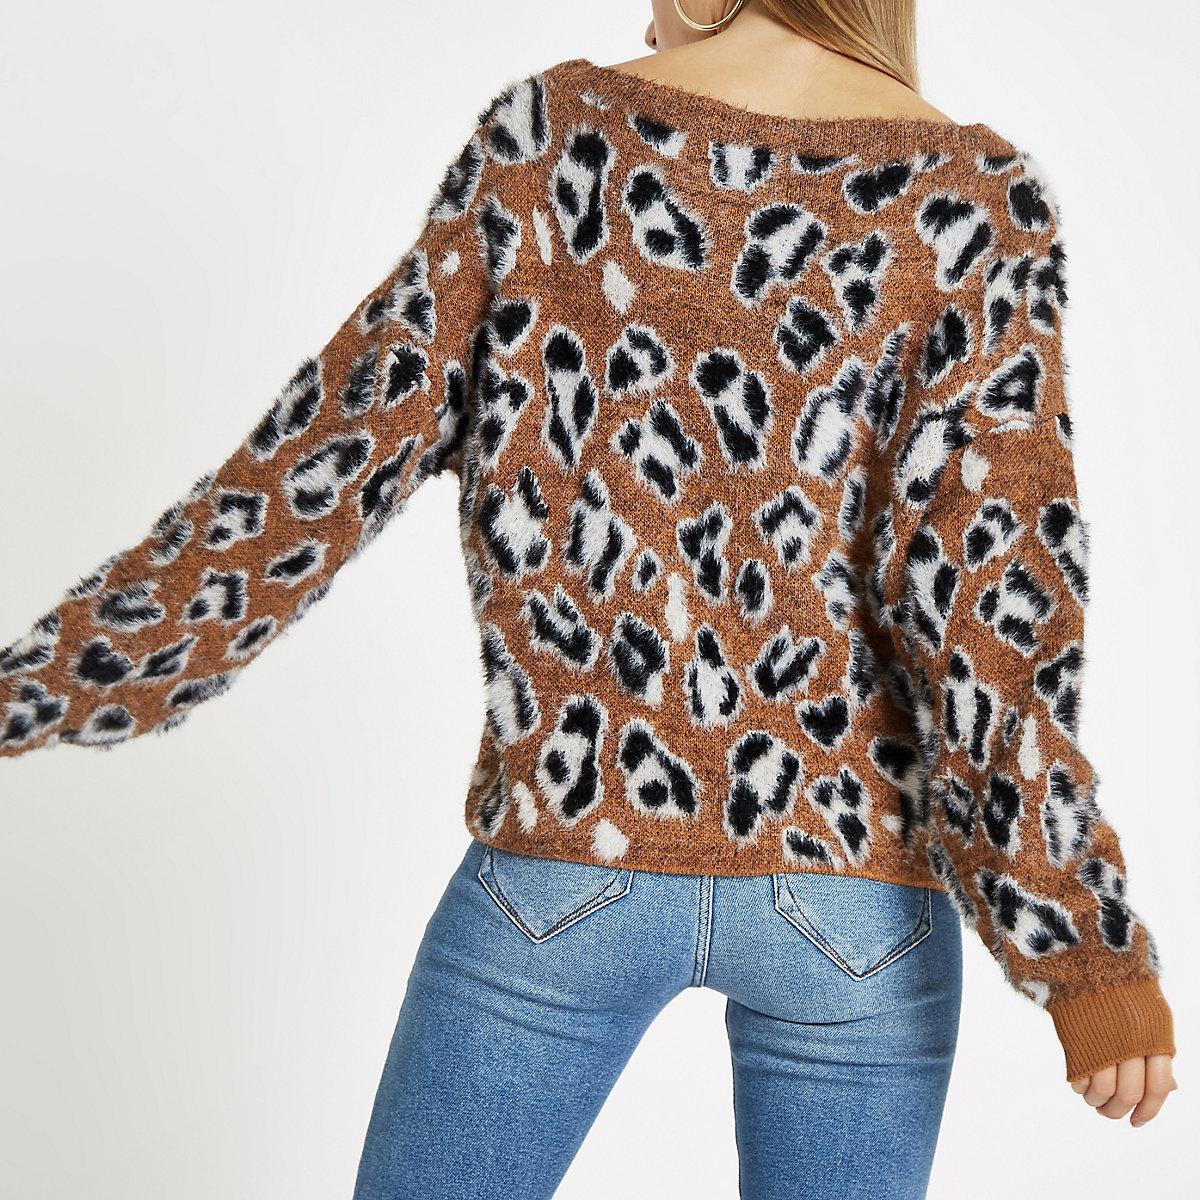 02ca9e2cf4c5 Brauner Pullover mit Leopardenprint - Pullover - Strickwaren - Damen